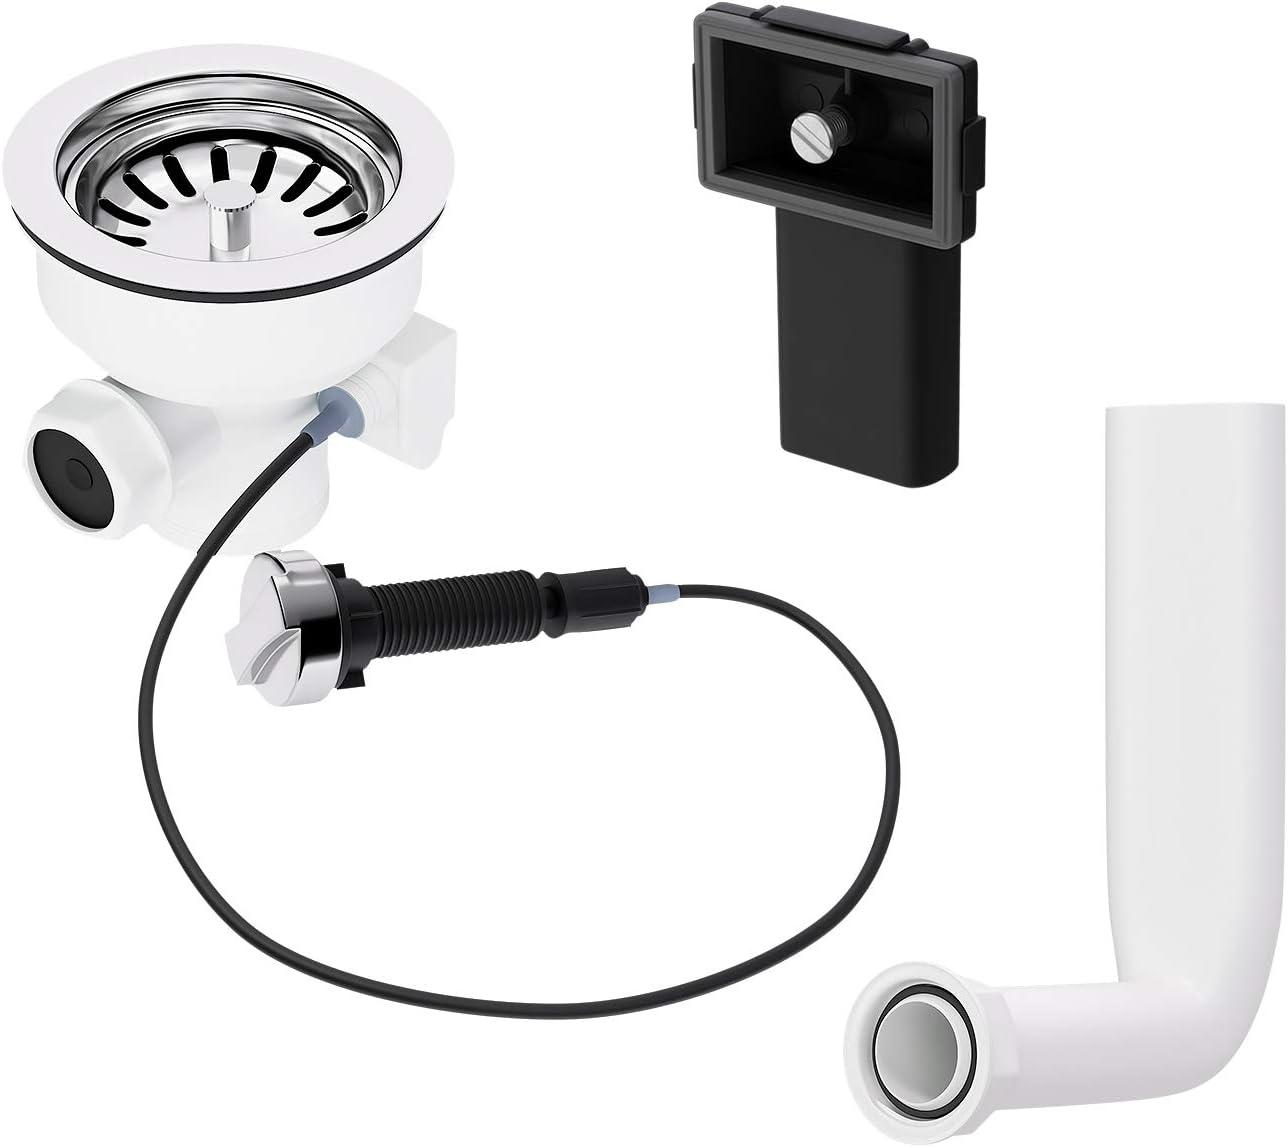 Válvula excéntrica de 114 mm con accionamiento giratorio y rebosadero, juego de desagüe para fregadero de cocina